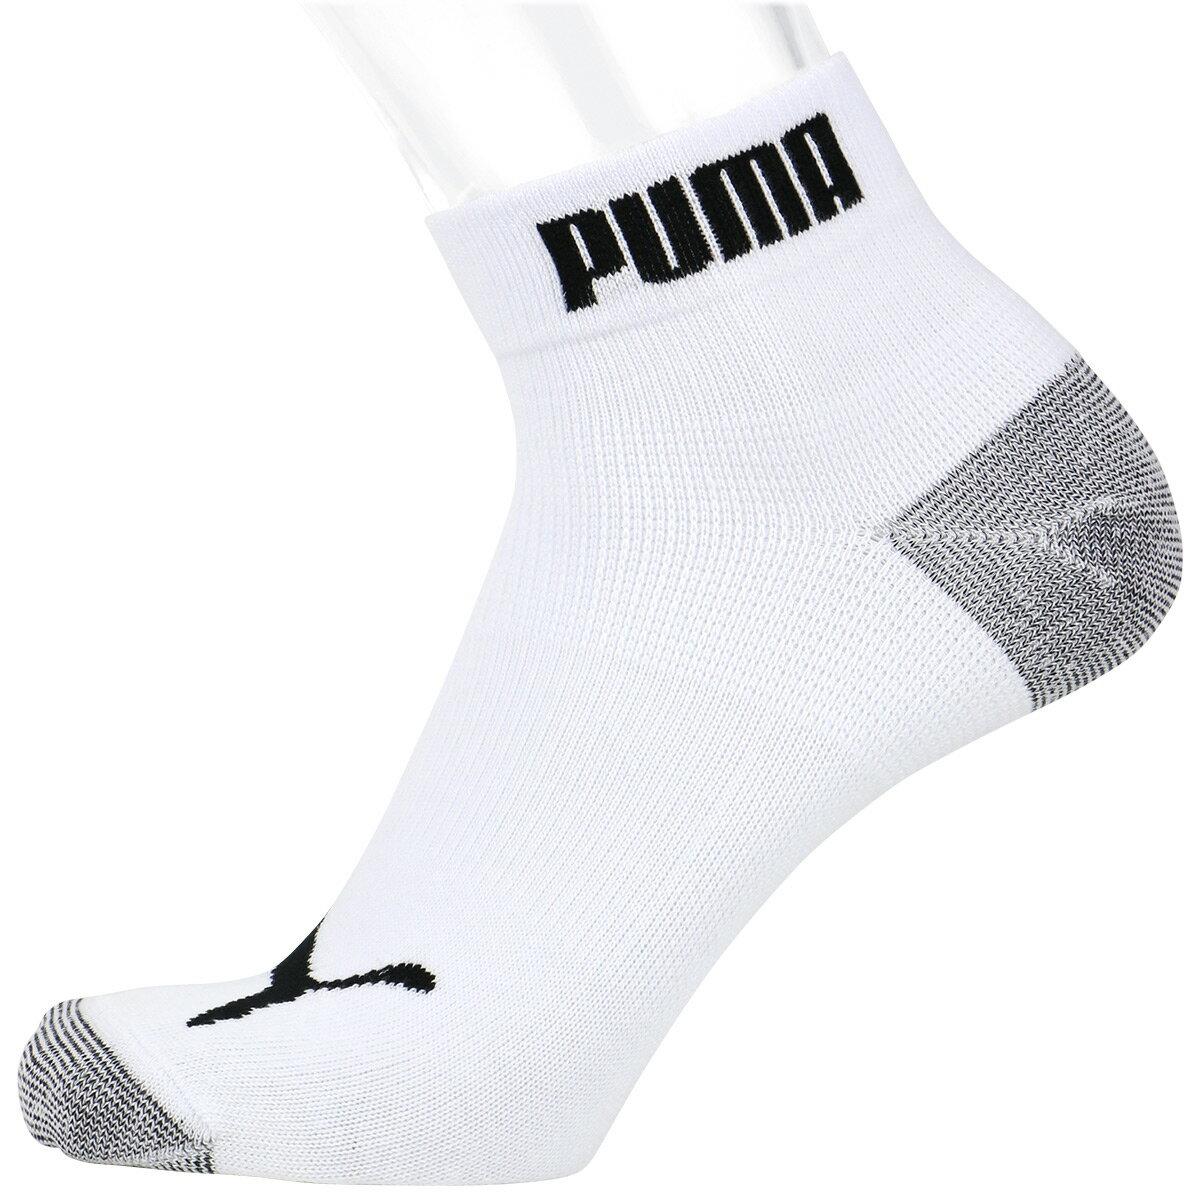 PUMA ( プーマ ) メンズ 抗菌防臭・アーチサポート・高機能 パフォーマンス 3足組ショート丈 ソックス マラソン ランニング ソックス 2822-642 【ゆうパケット・1点まで】